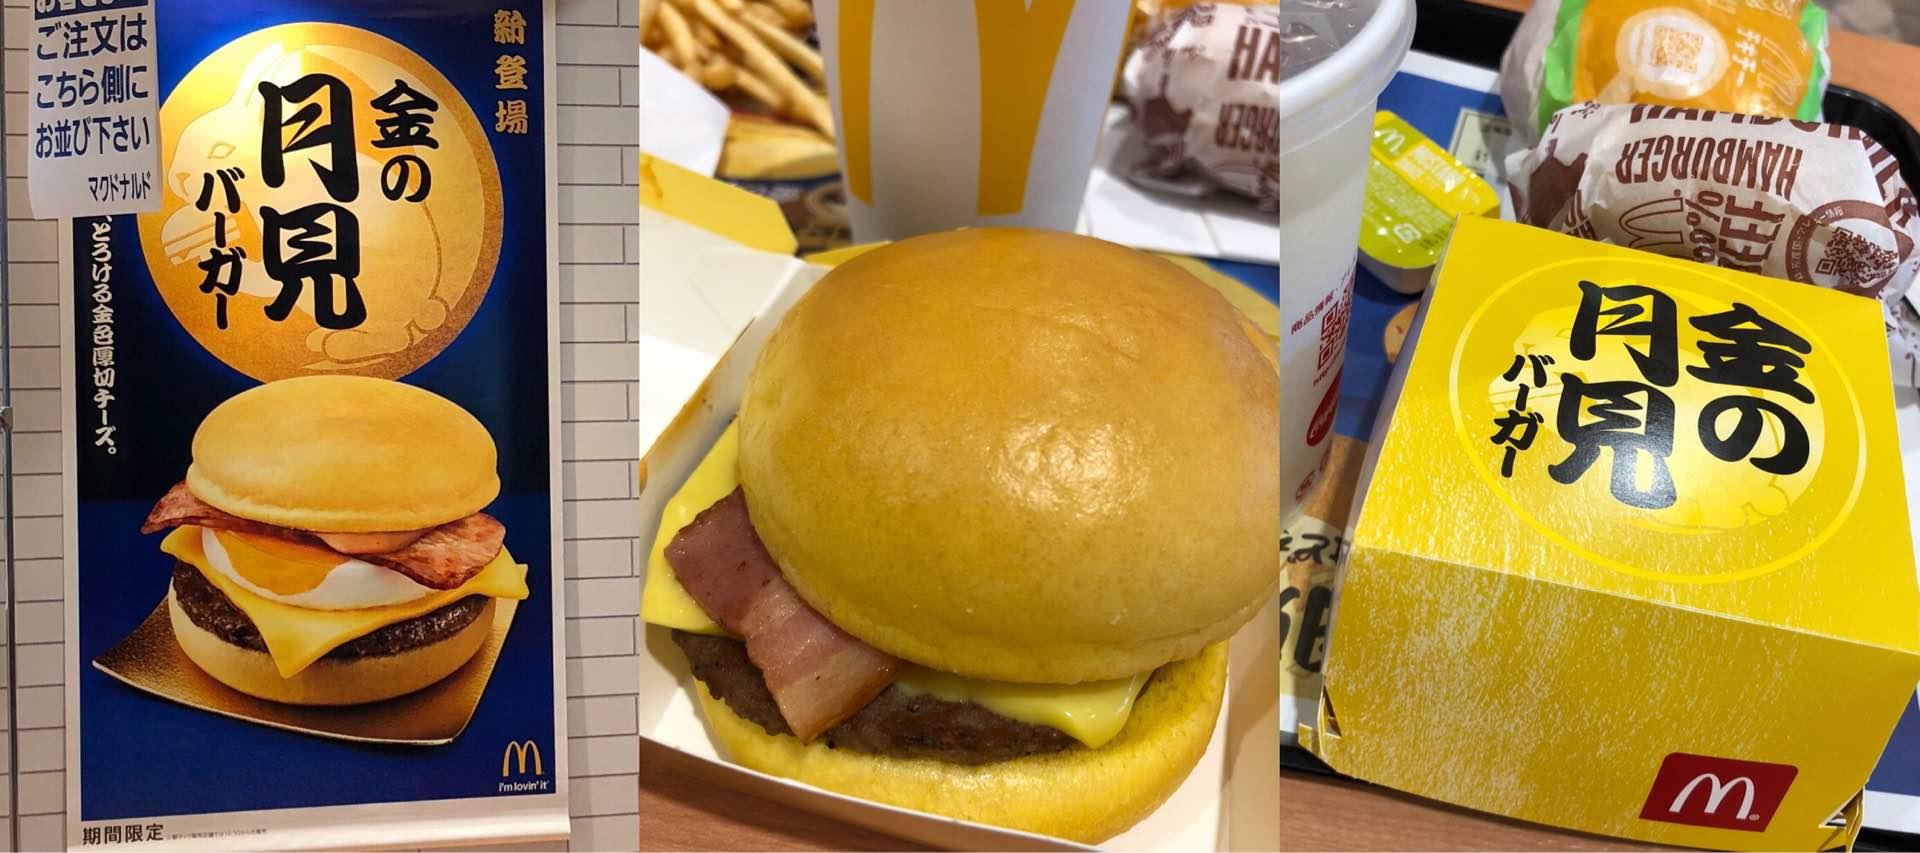 マクドナルド 金の月見バーガー。チーズ月見と違って、チーズが厚切りで、バター香る金色バンズ。このハンバーガーは注文を受けてから作っているらしい。なかなか美味しい。 https://t.co/pXV6zHH96L